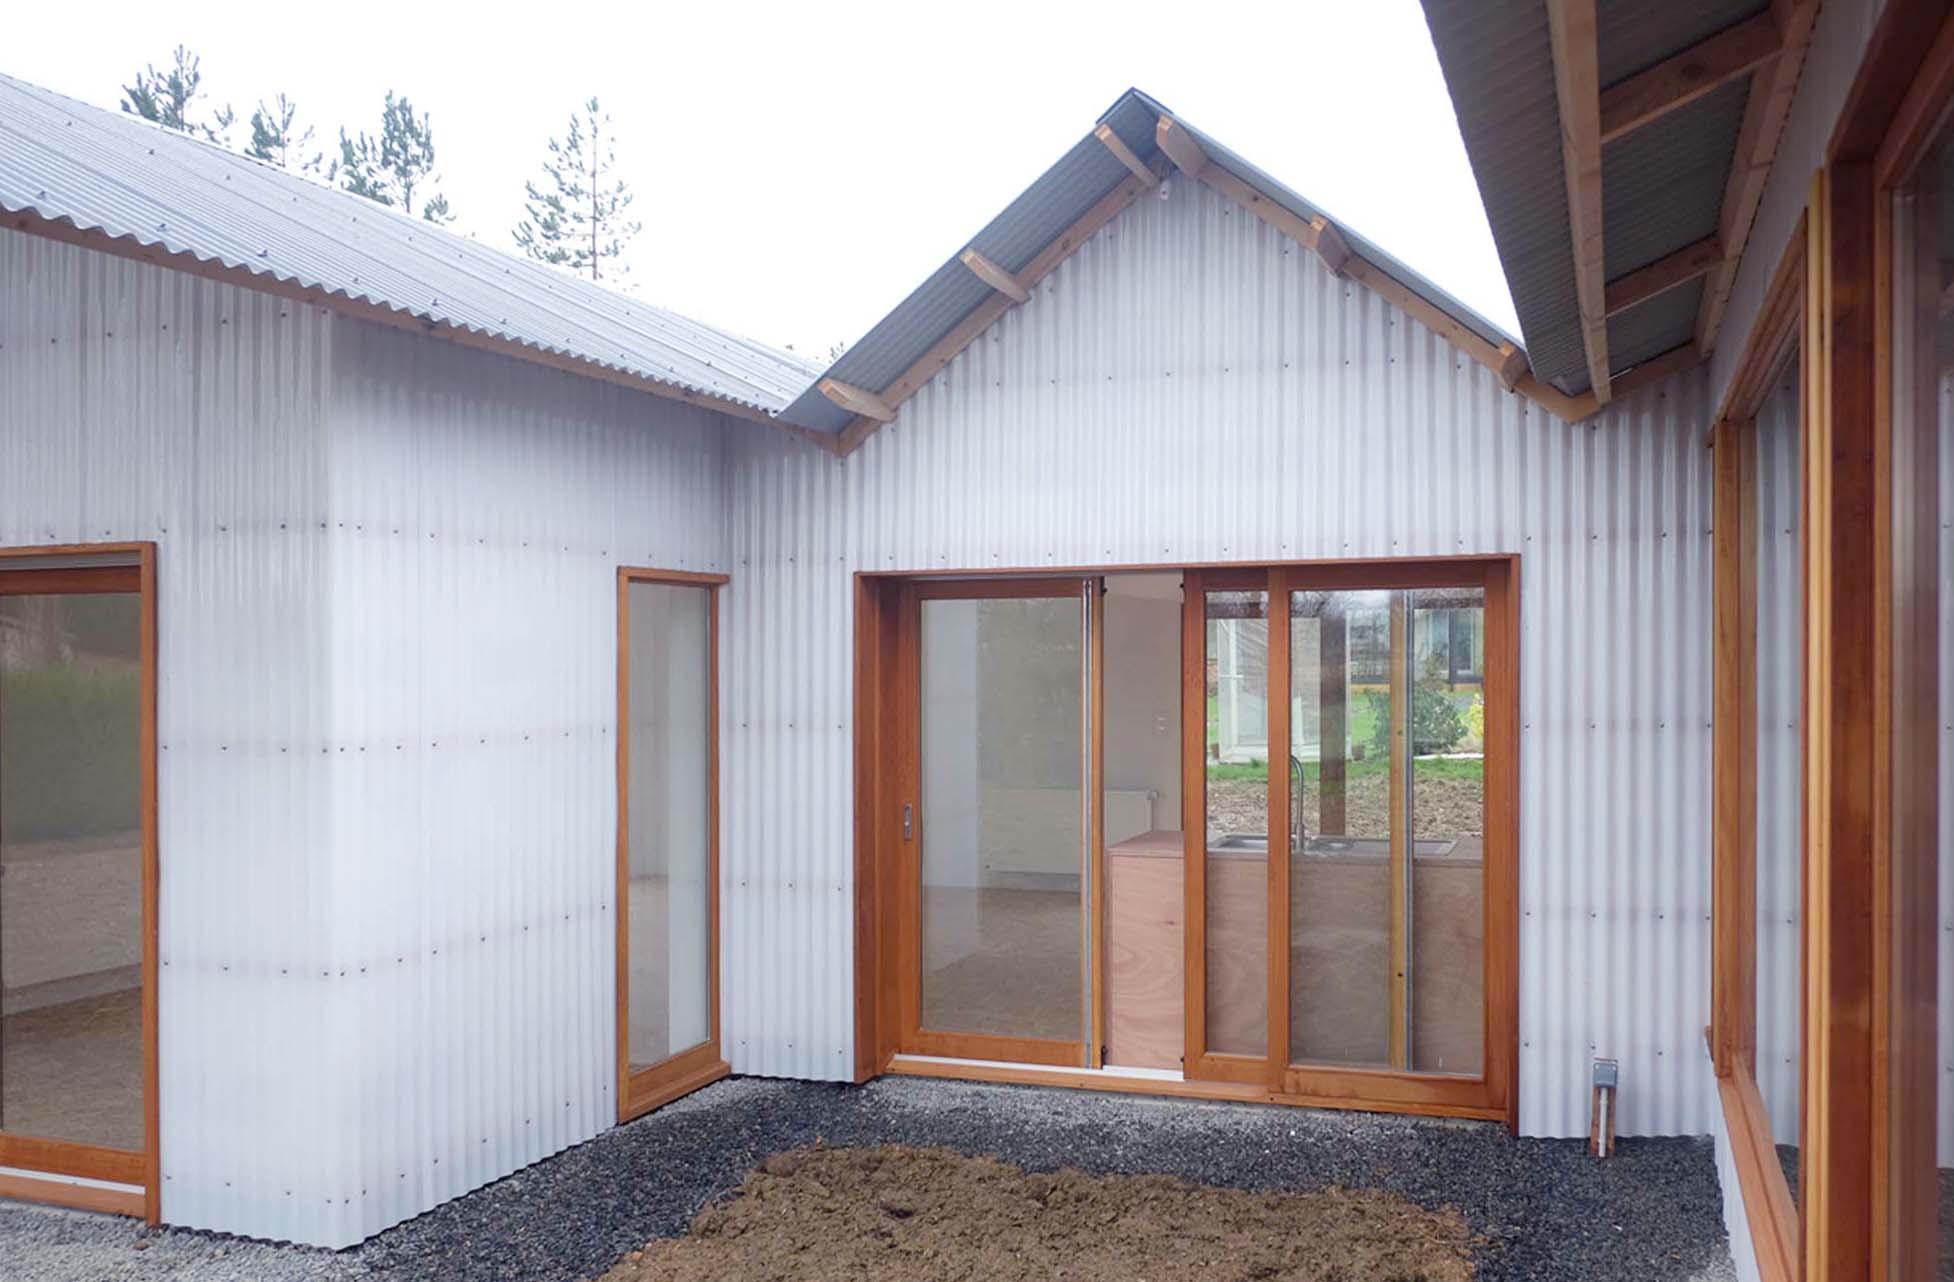 Tact architectes restructuration et extension d un - Maison hangar ...